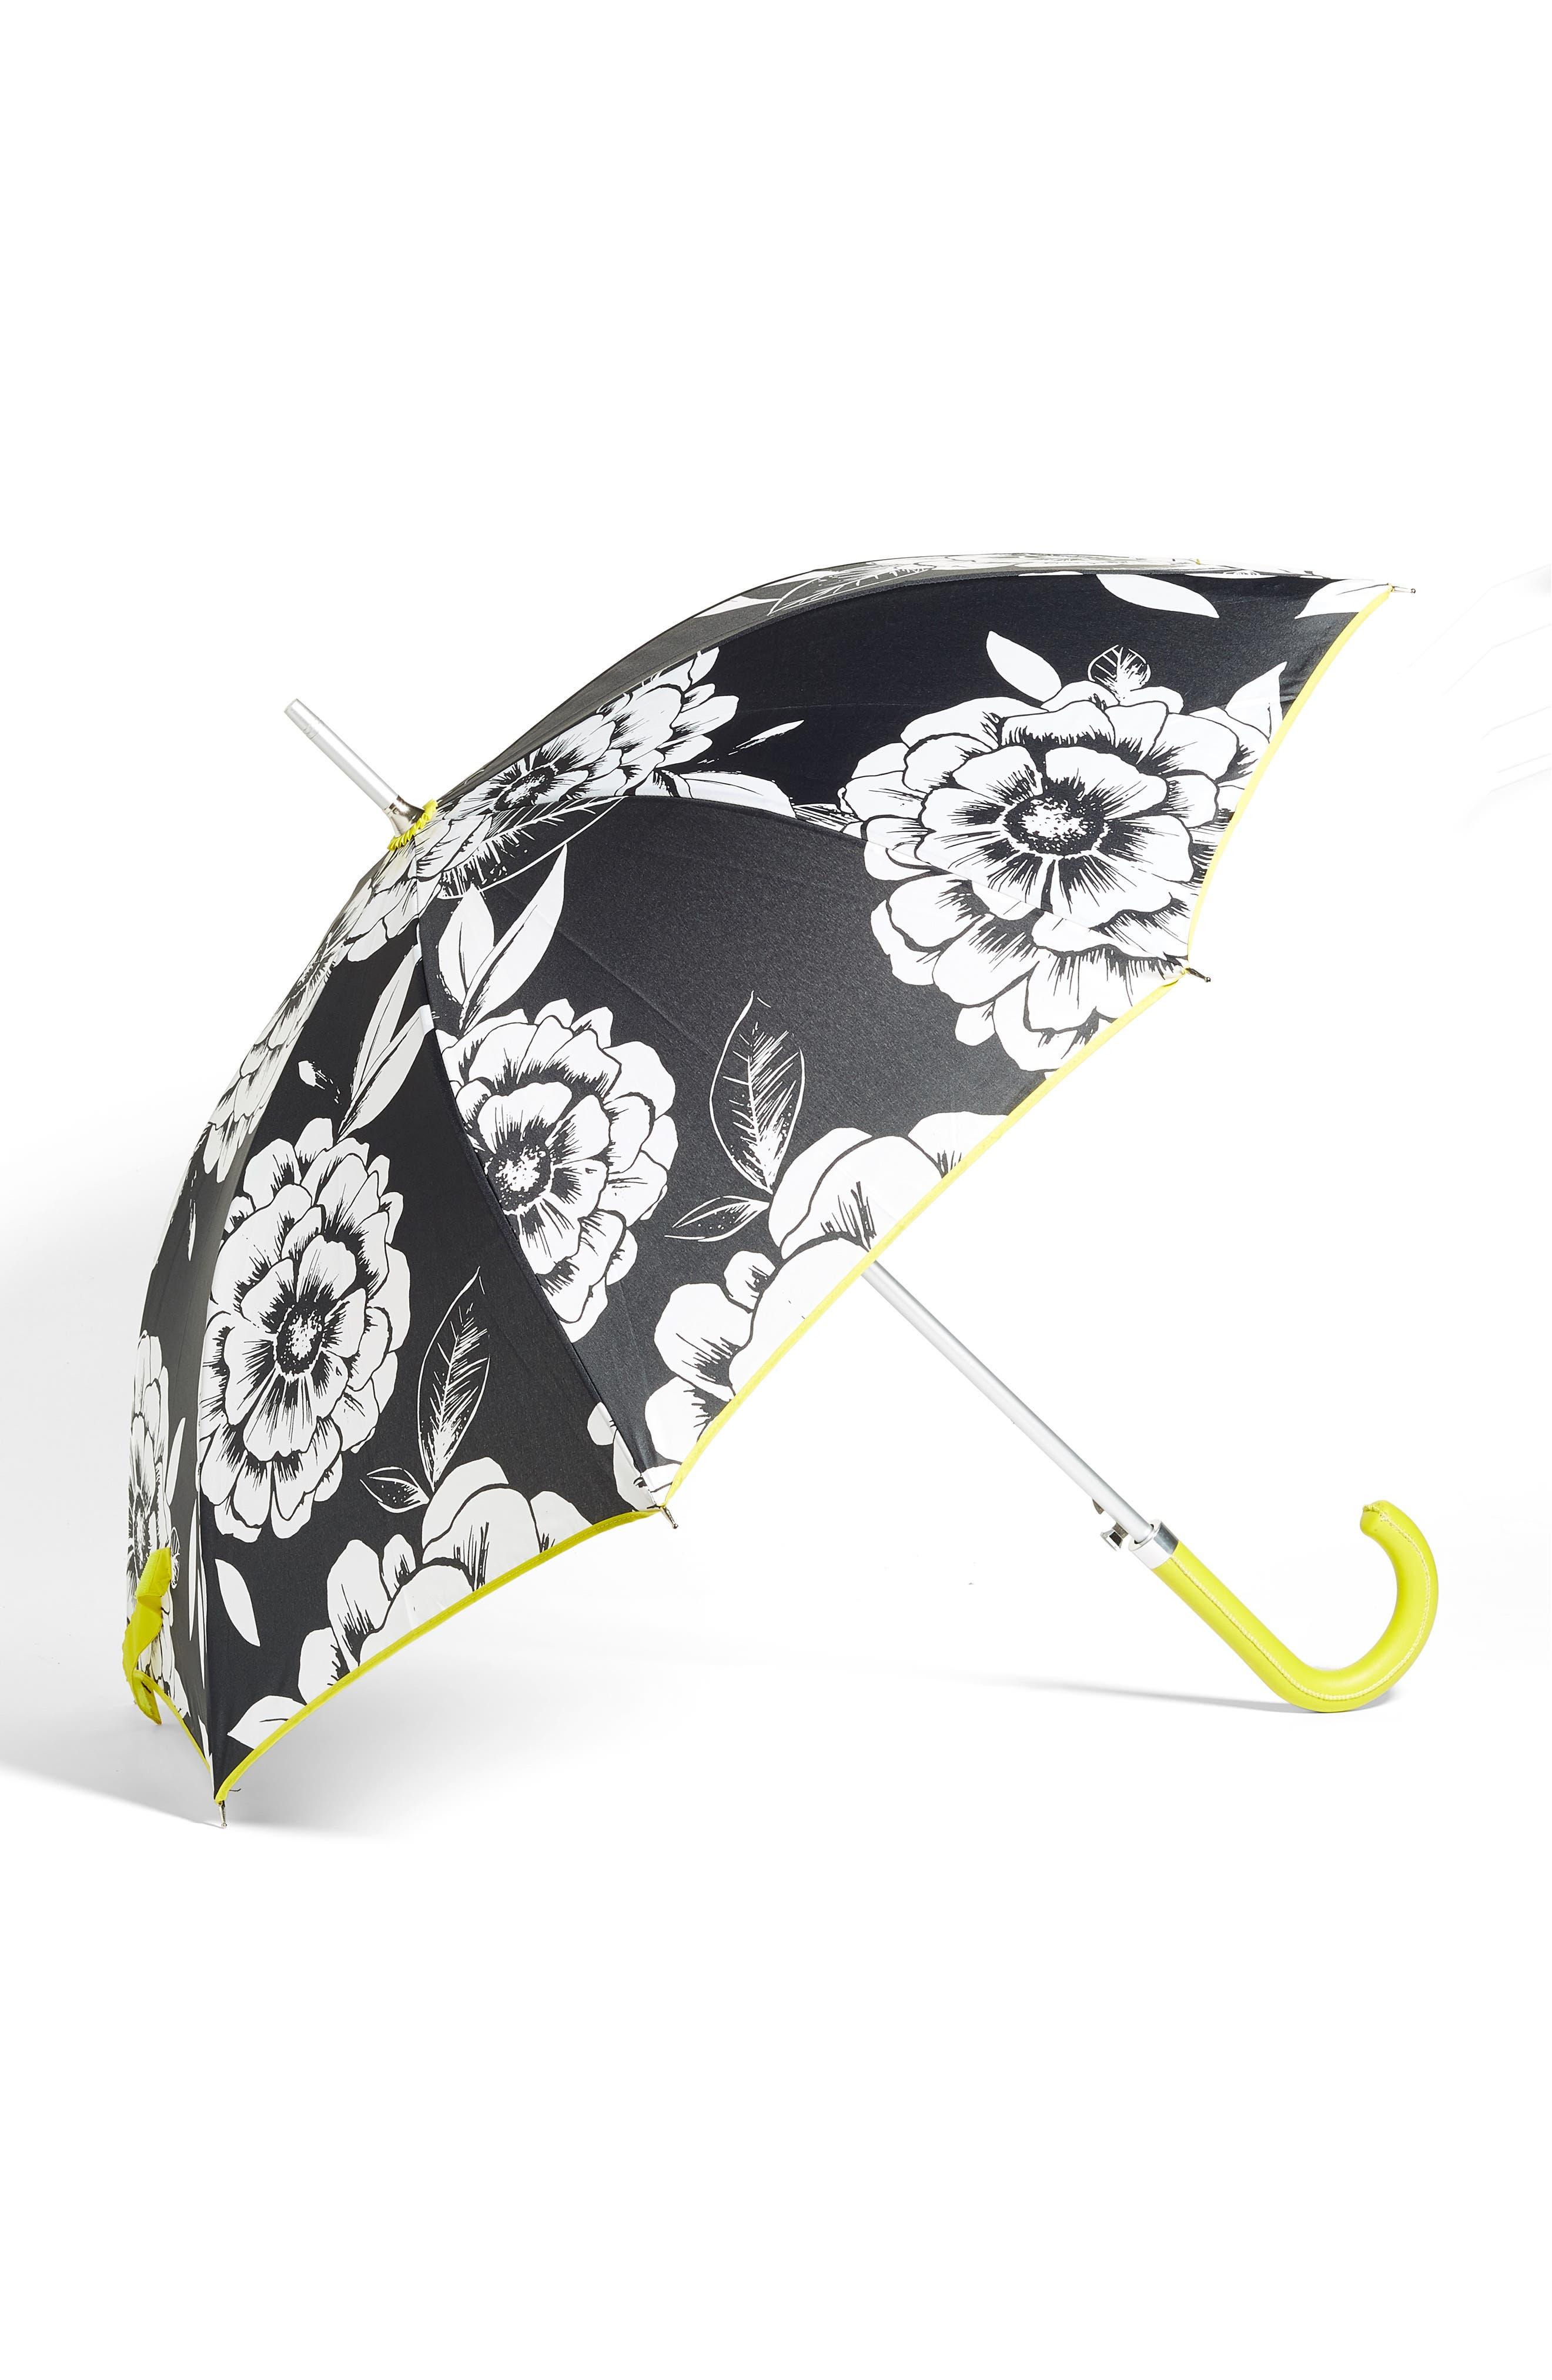 ShedRain Auto Open Stick Umbrella